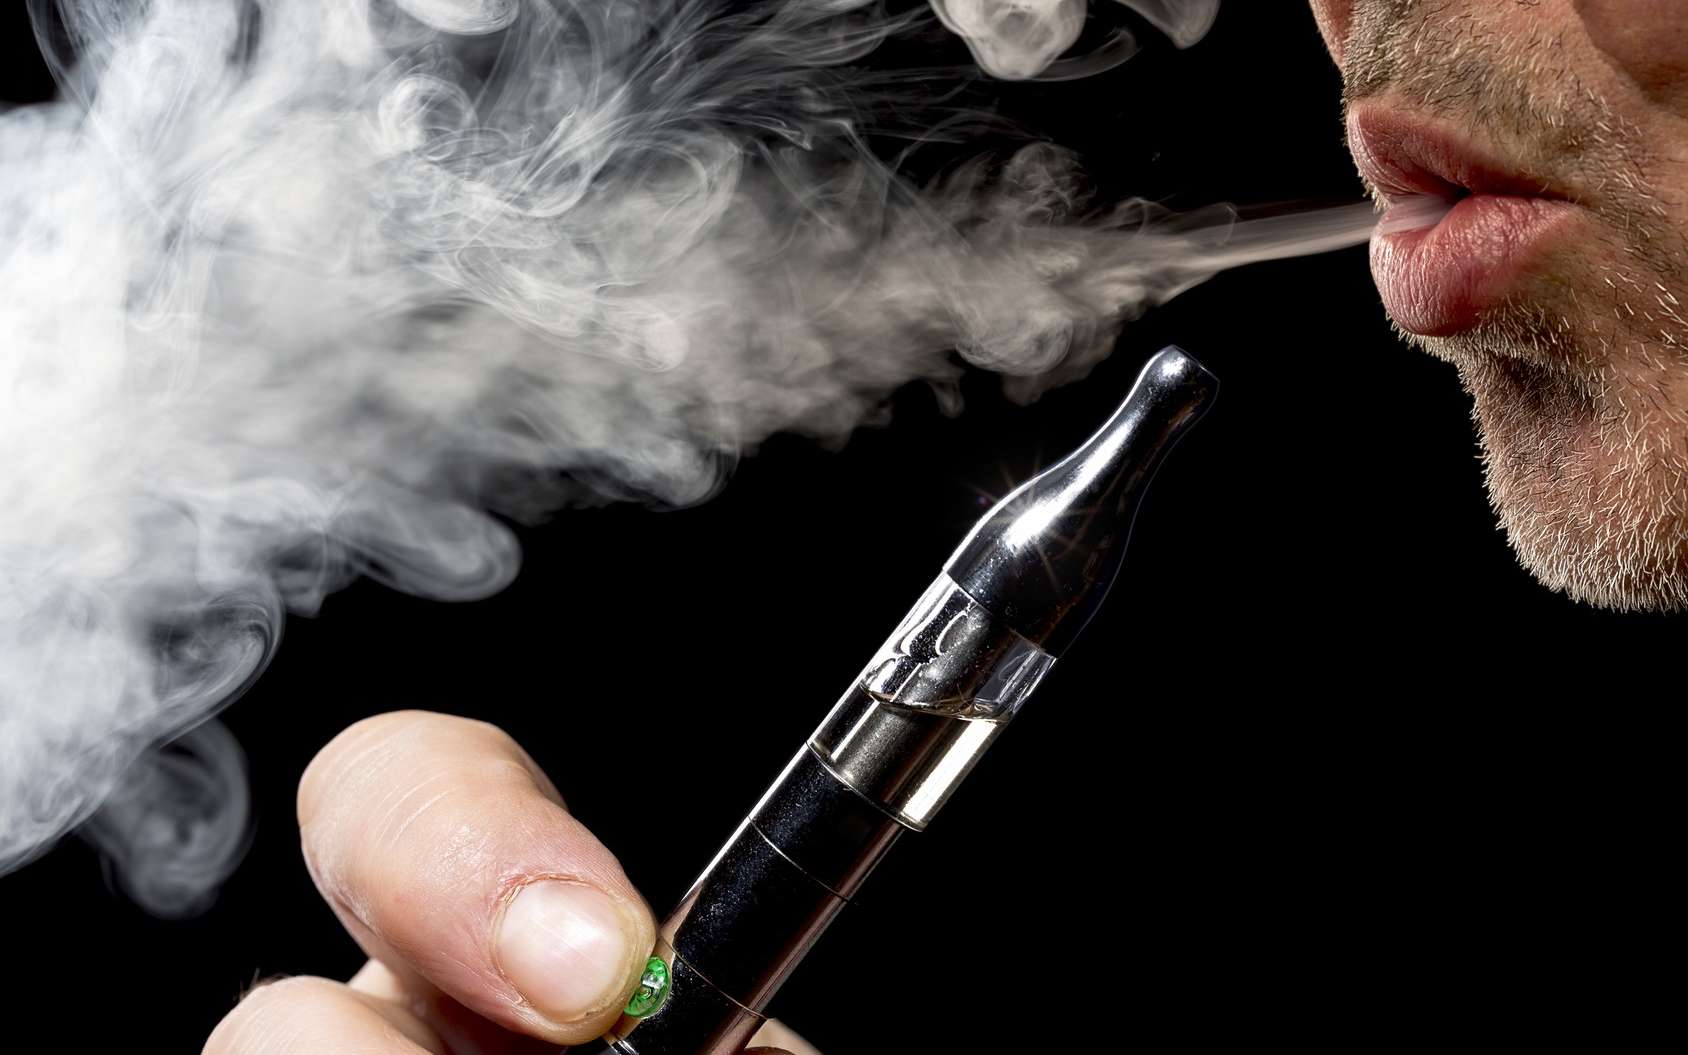 La cigarette électronique : un moyen tentant pour arrêter de fumer mais dont l'efficacité reste à démontrer. © Eryk Rogozinski/Fotolia